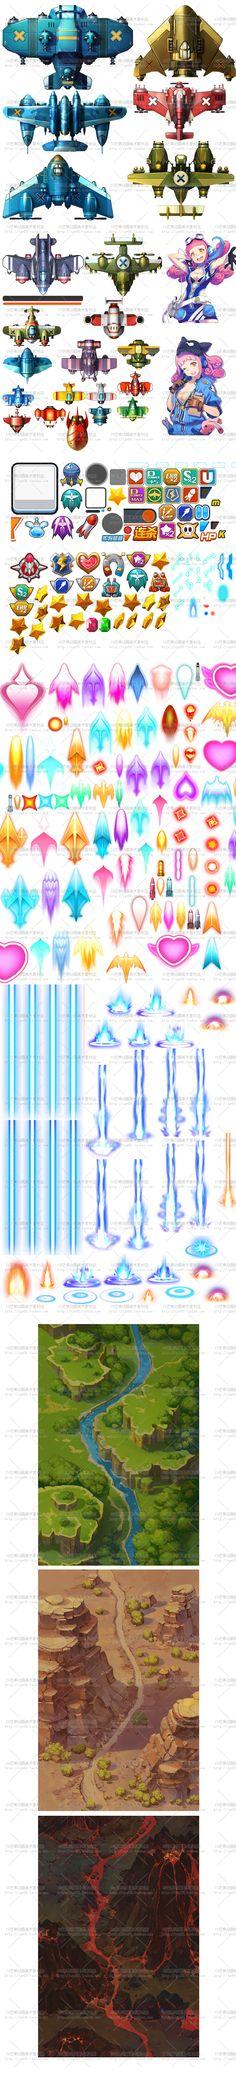 游戏美术资源/飞机竖版类/游戏ui素材/界面/图标icon/特效/png